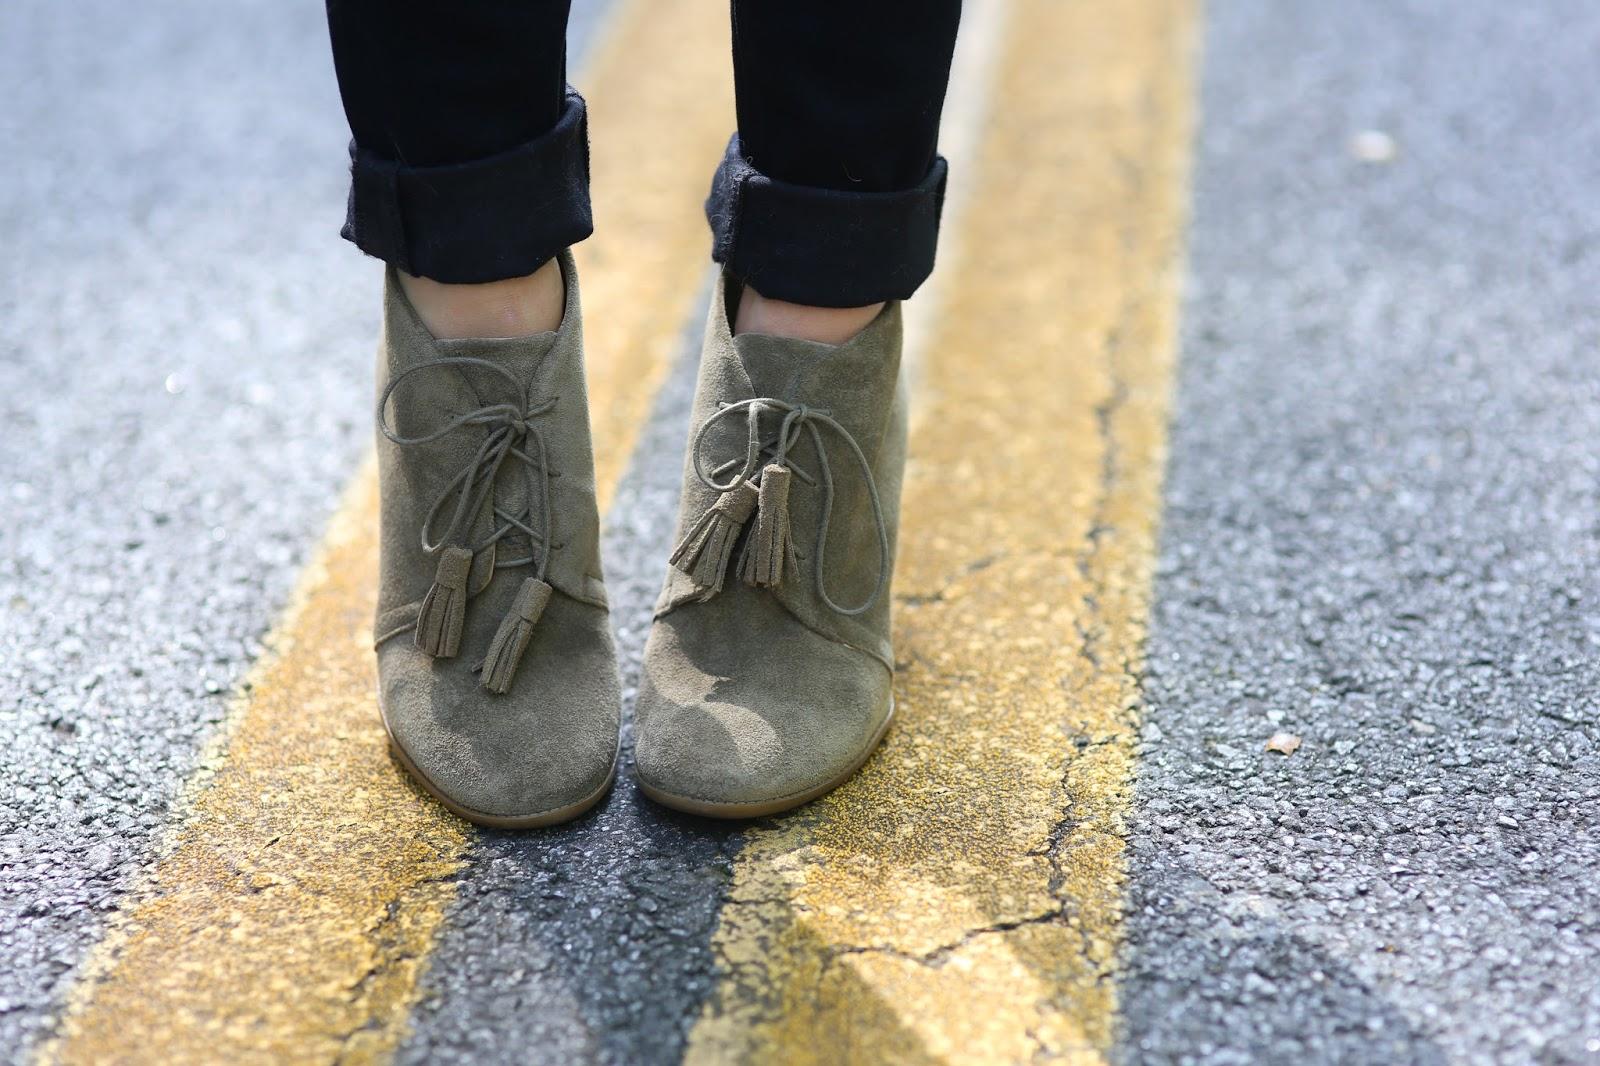 Tassel booties